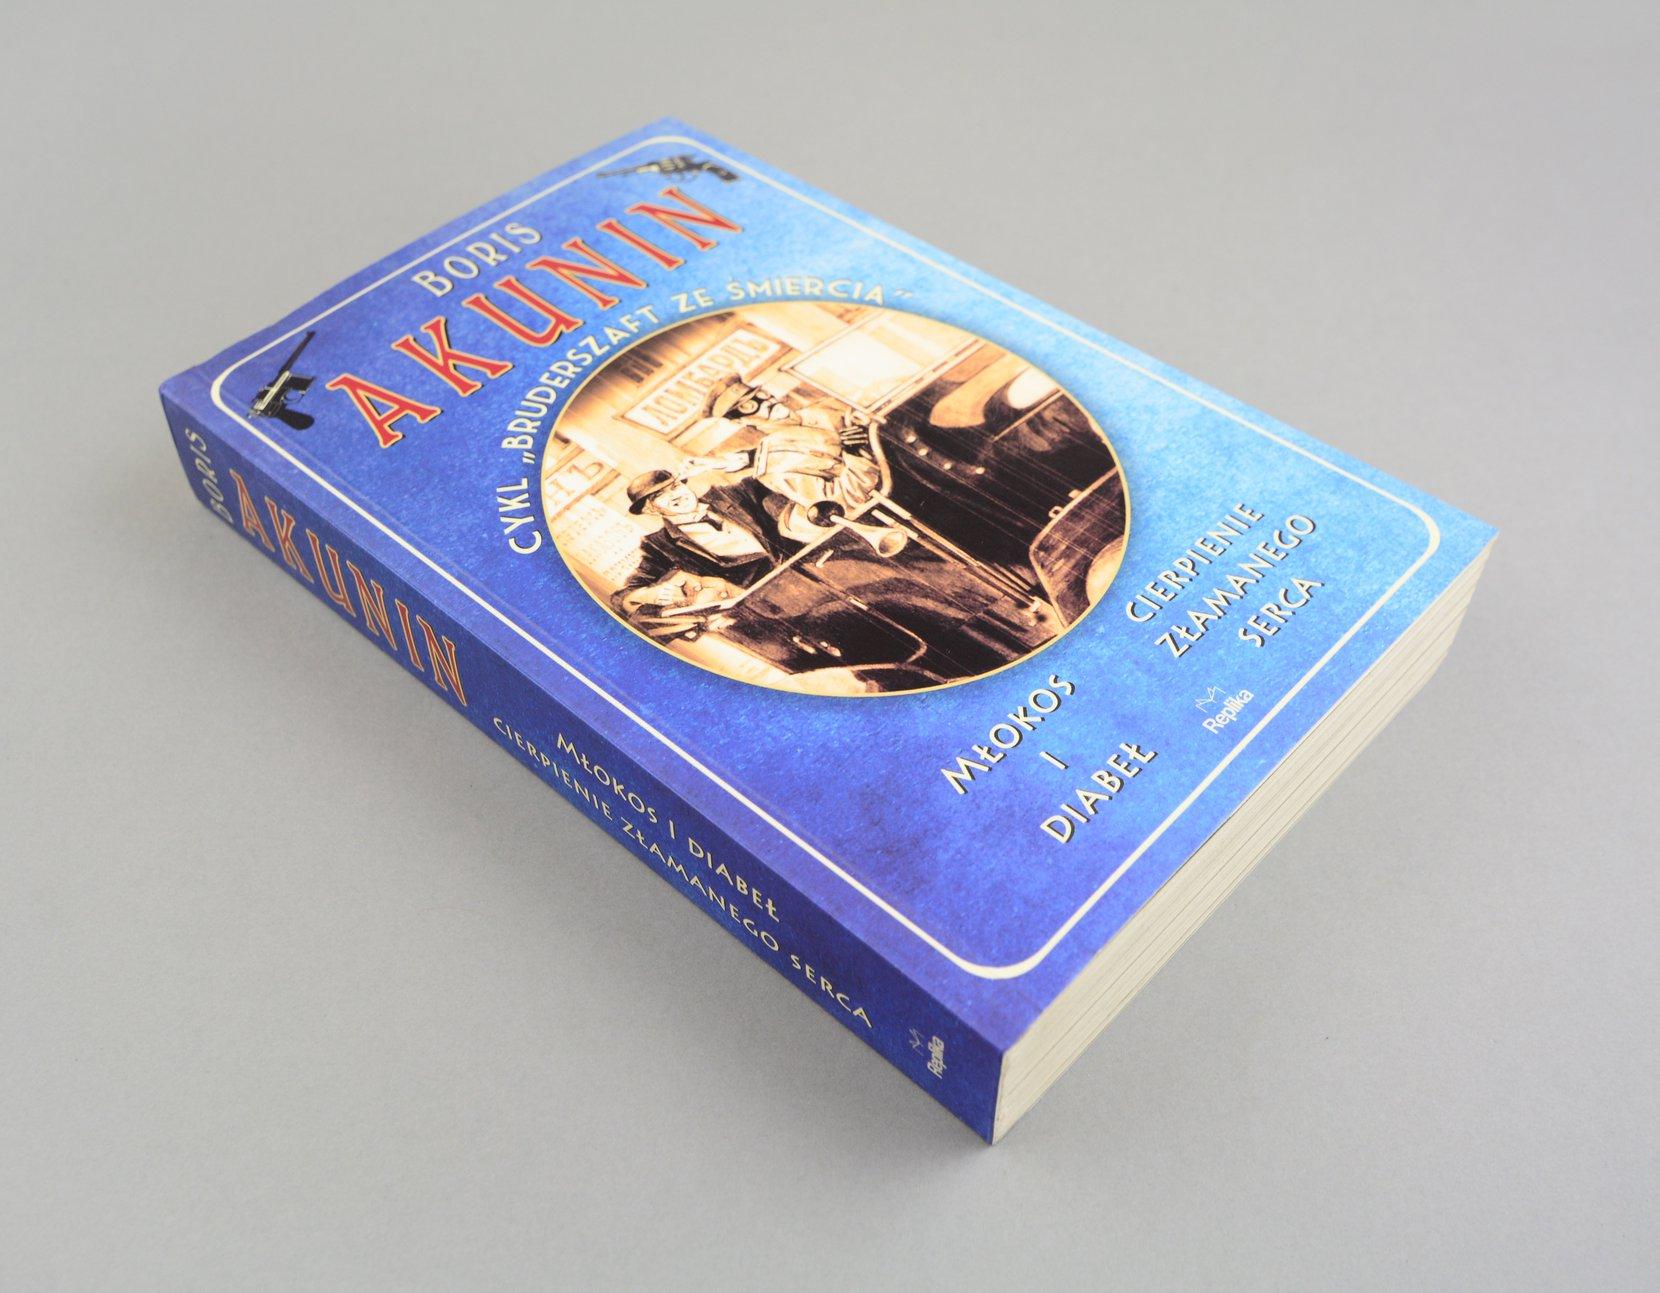 młokos i diabeł, cierpienie złamanego serca, boris akunin books art